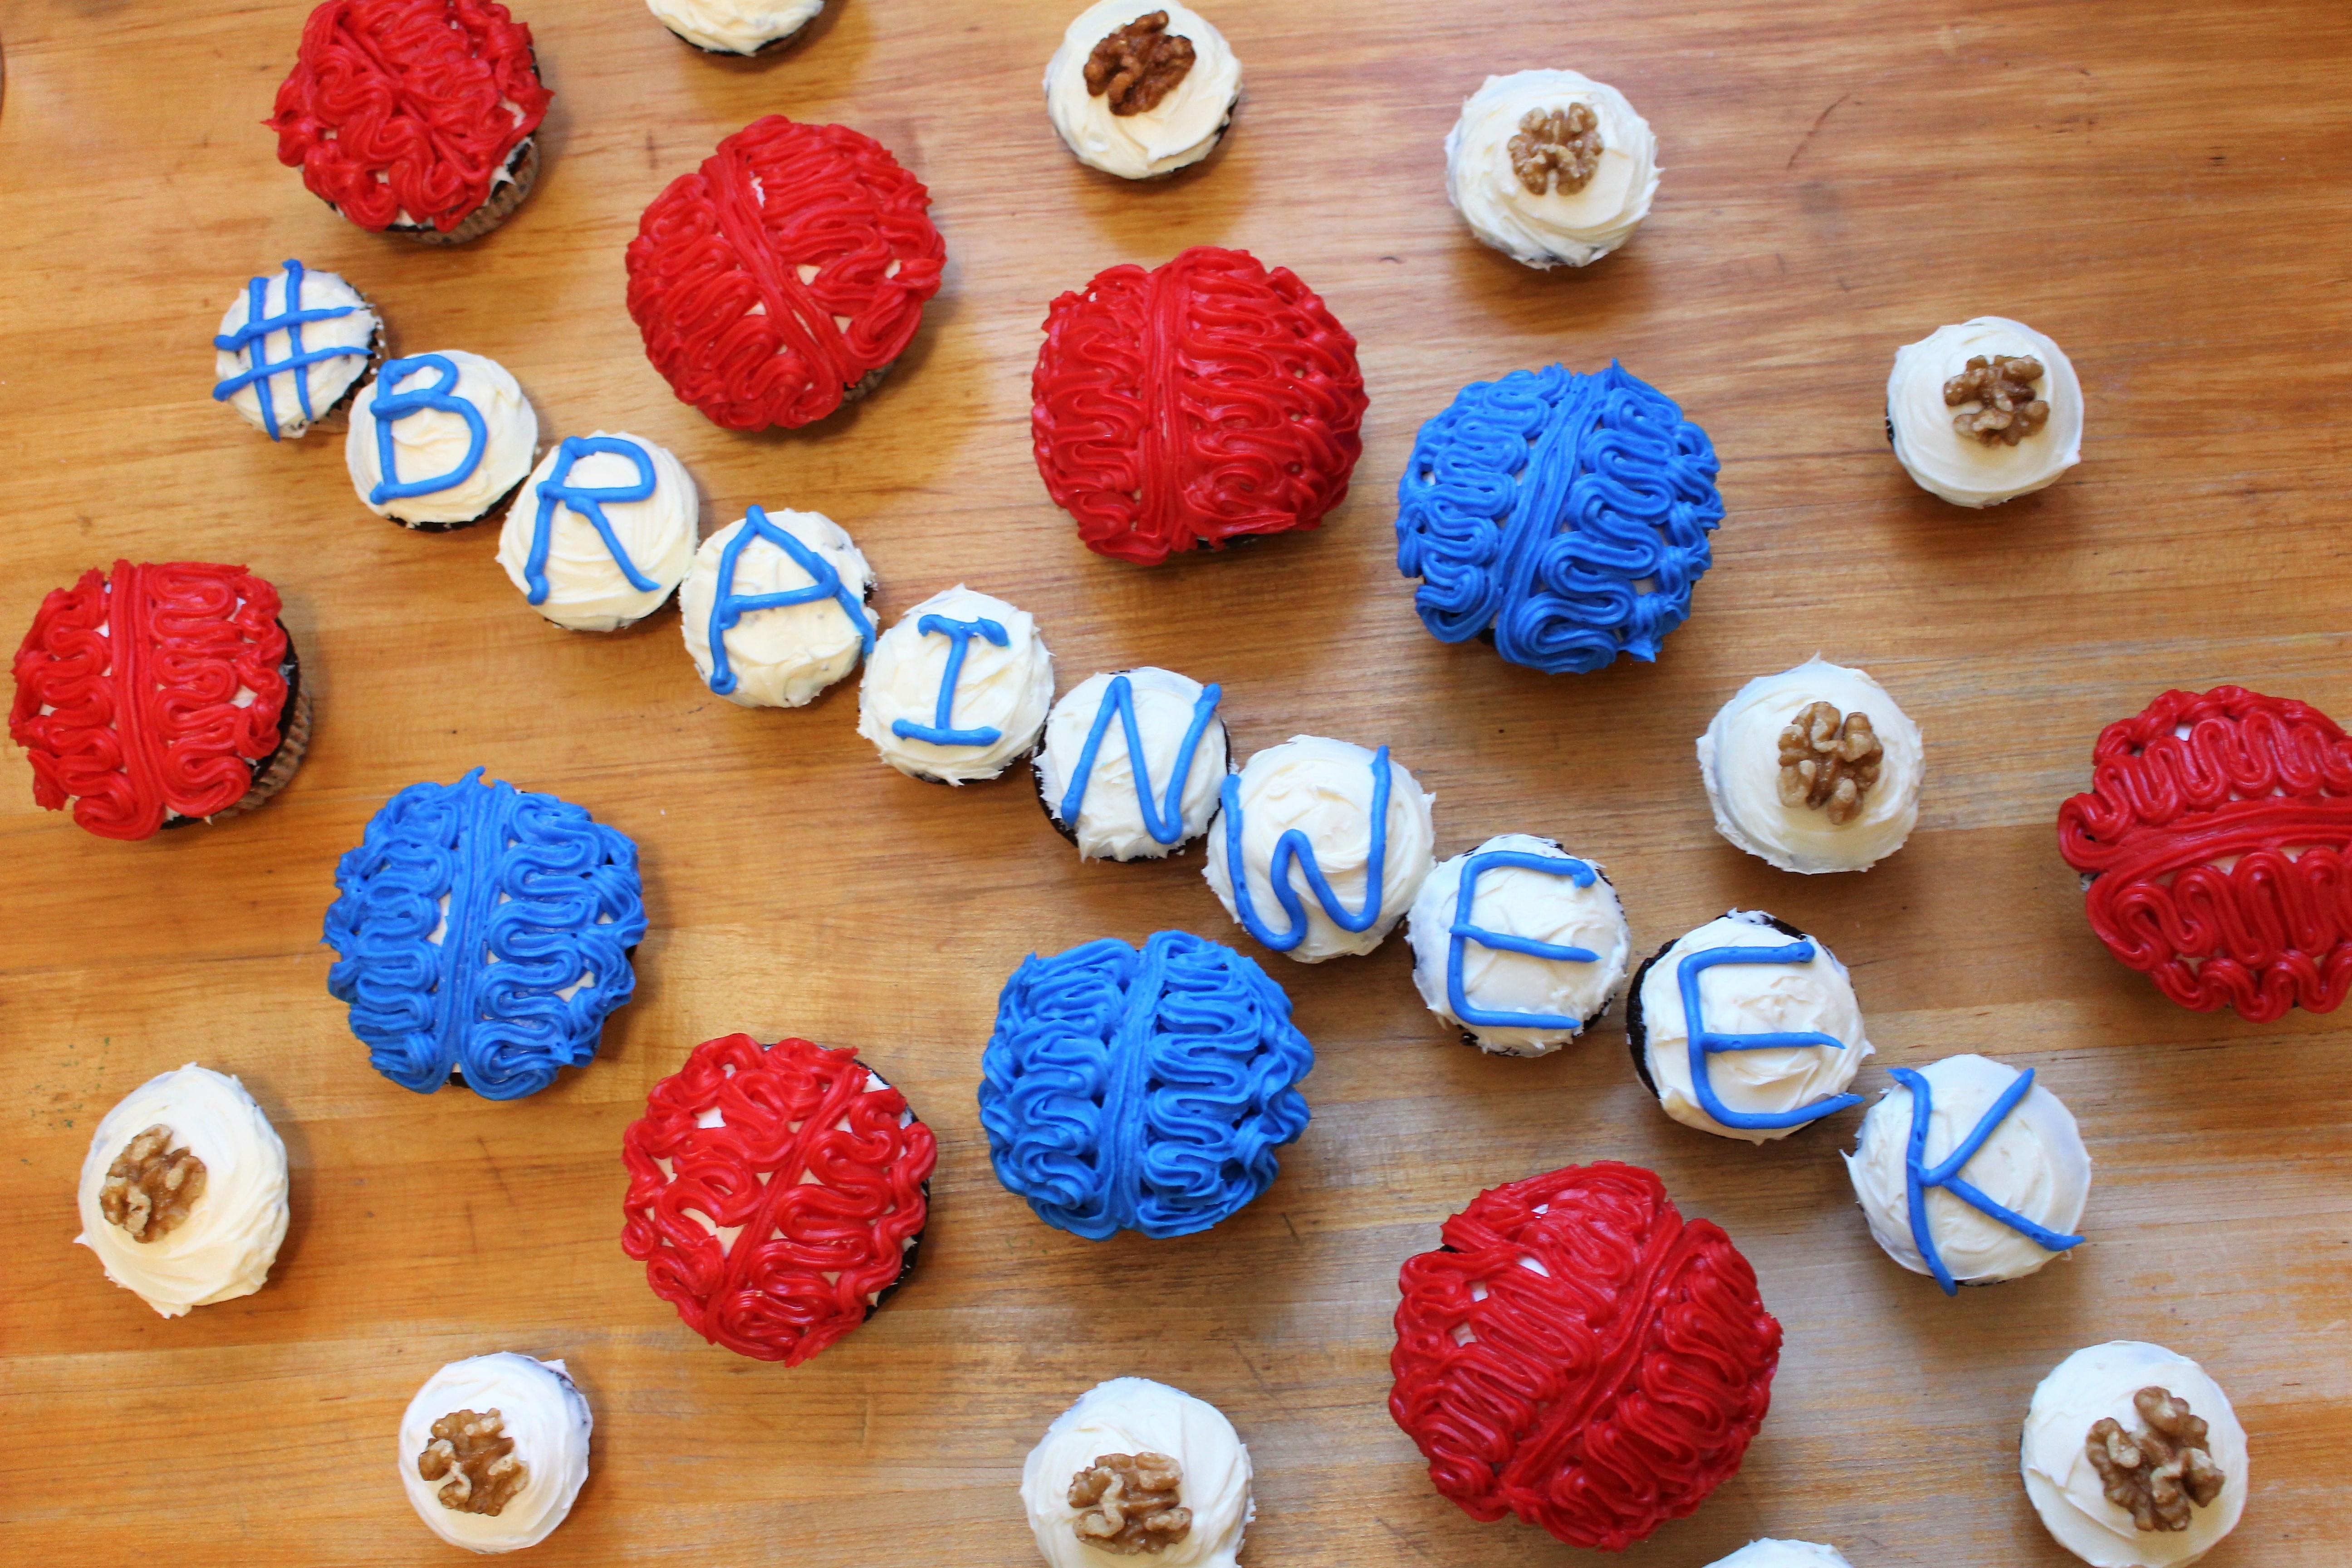 Brainweek in cupcakes